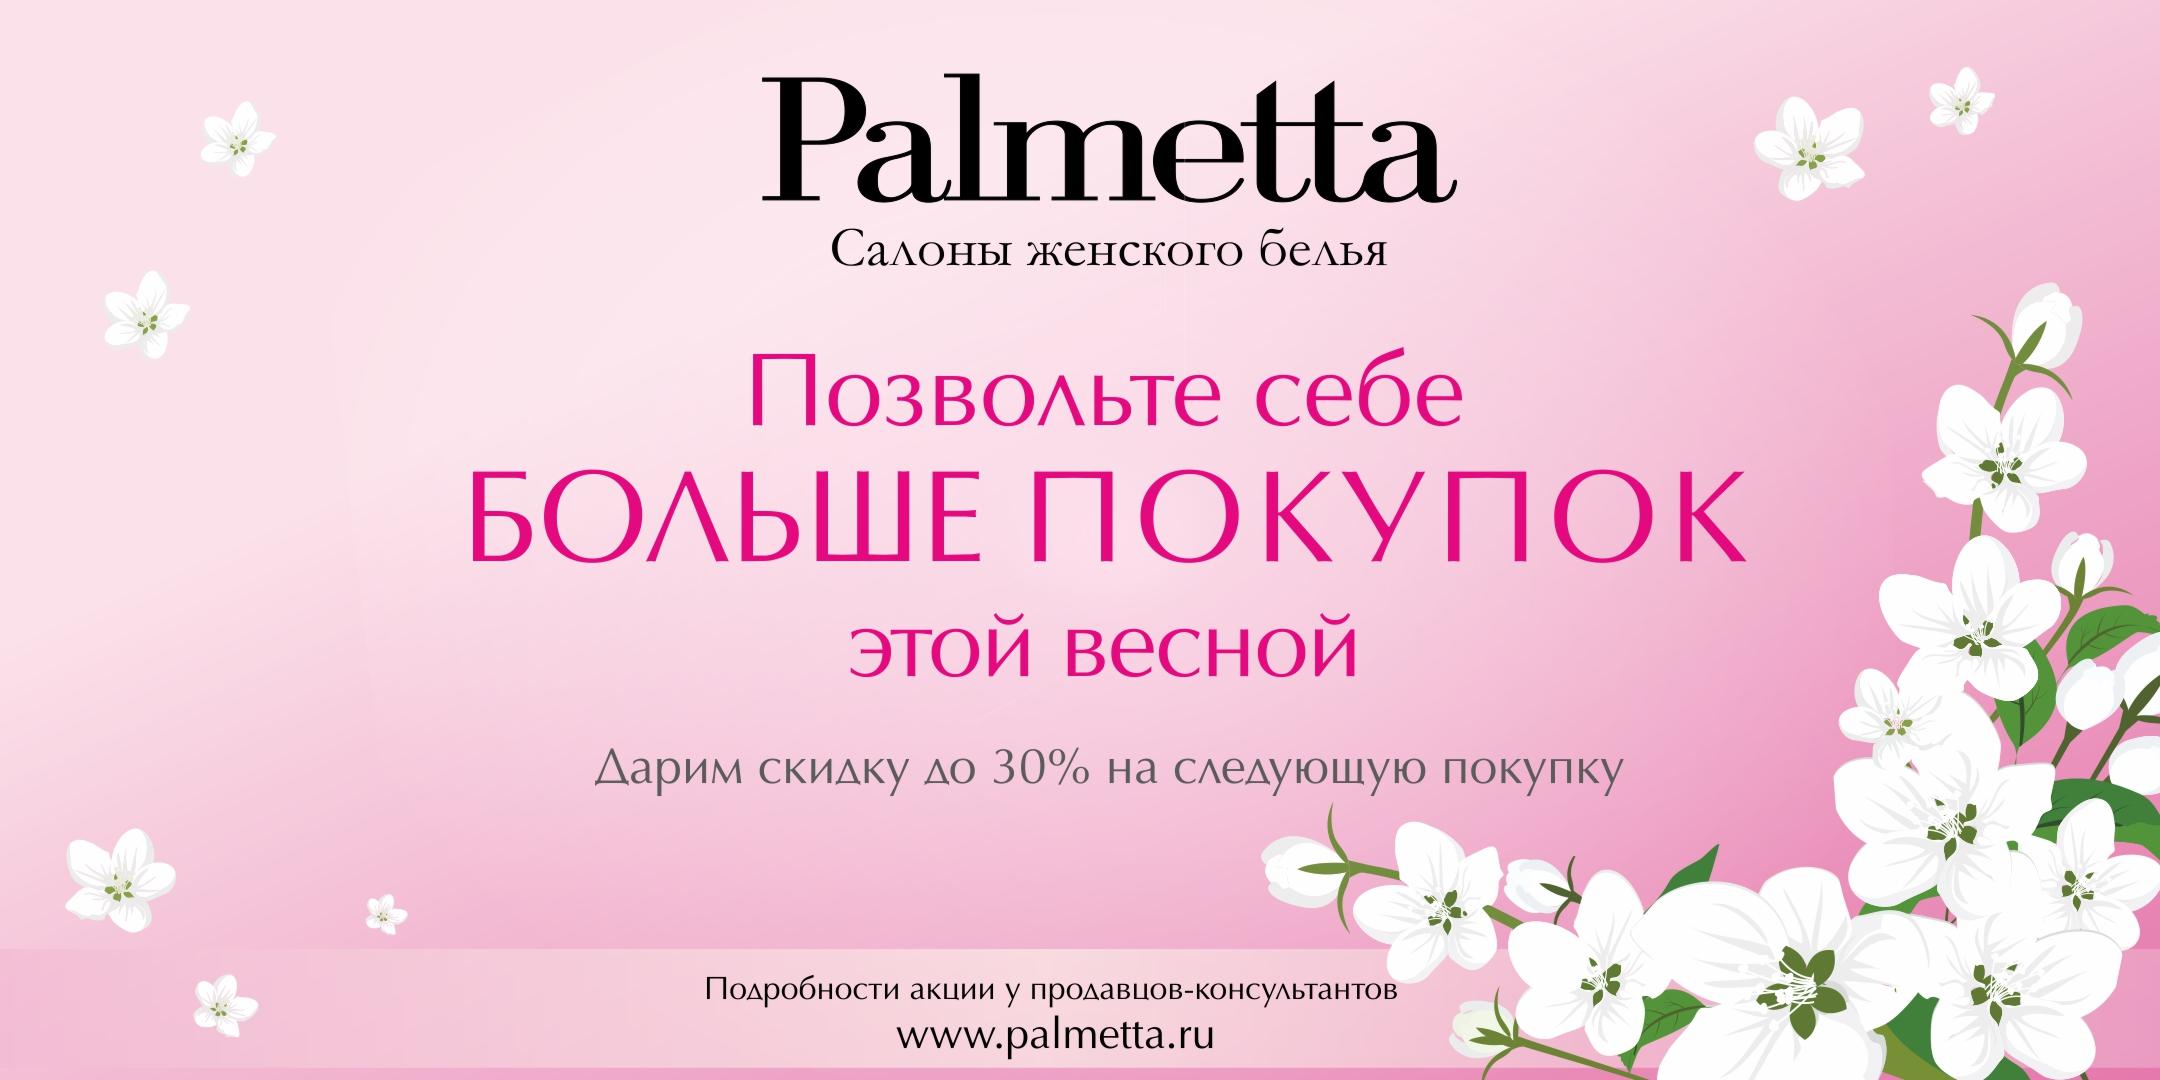 bd1f7669b Позвольте себе больше покупок этой весной с Palmetta - ТРЦ Галерея